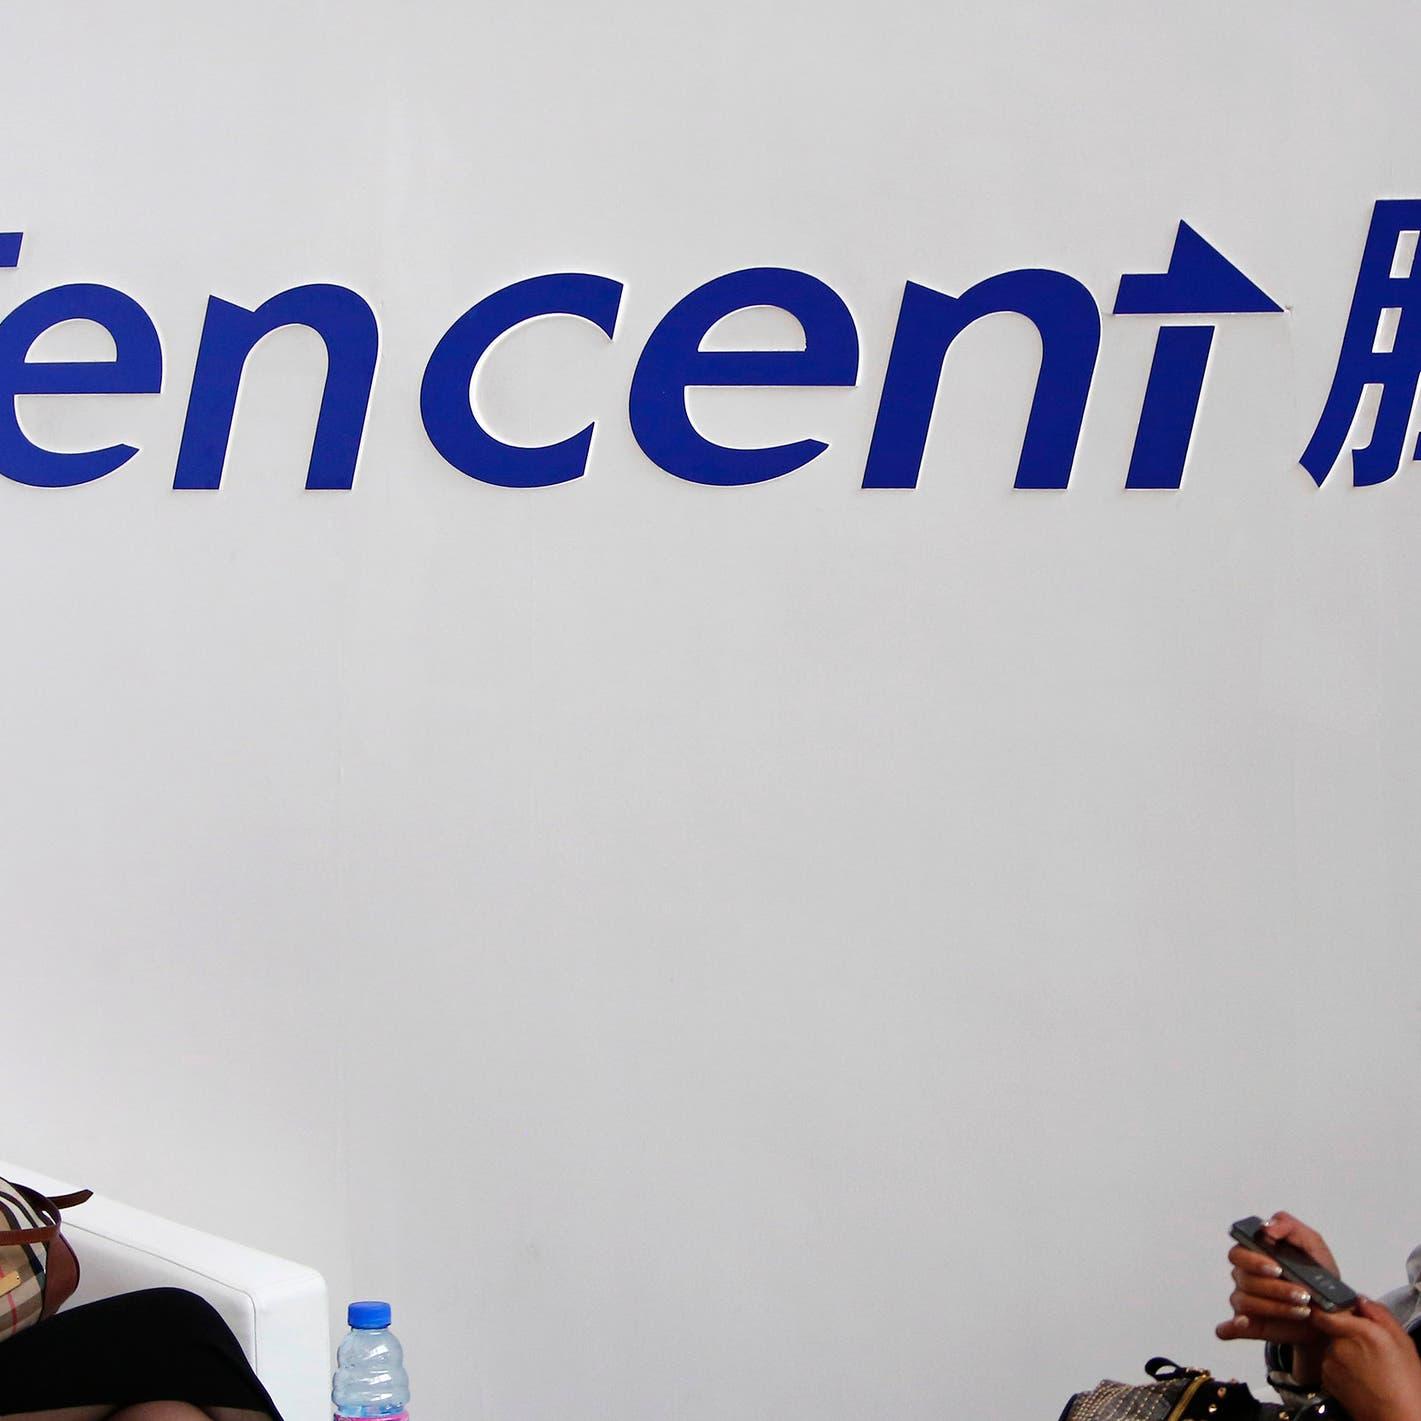 """مساهم يبيع حصته في شركة """"تينسنت"""" ويجني 15 مليار دولار!"""